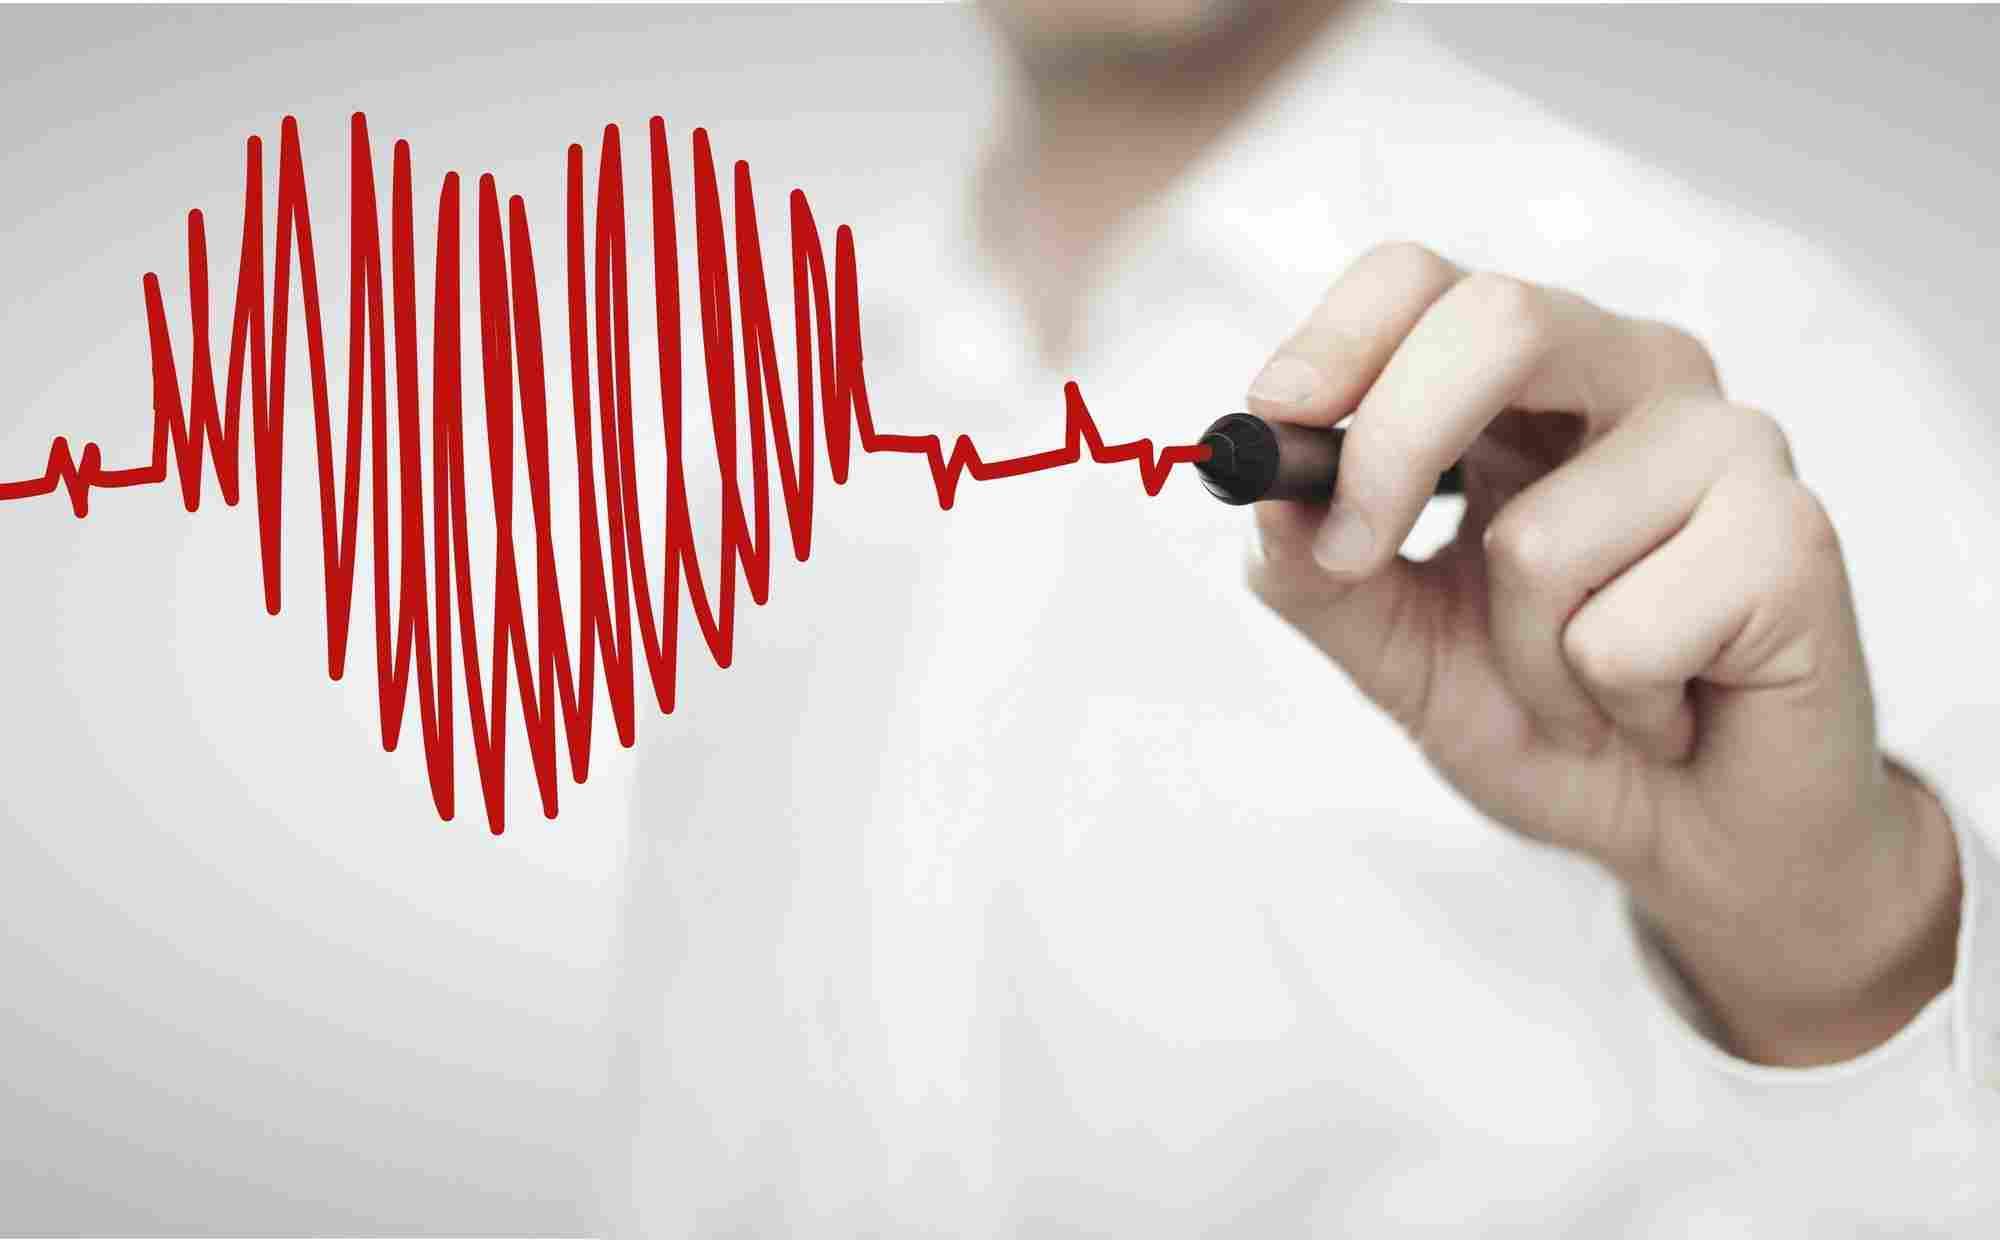 https://spencerhodges.co.uk/wp-content/uploads/2015/12/heart-health-1.jpg